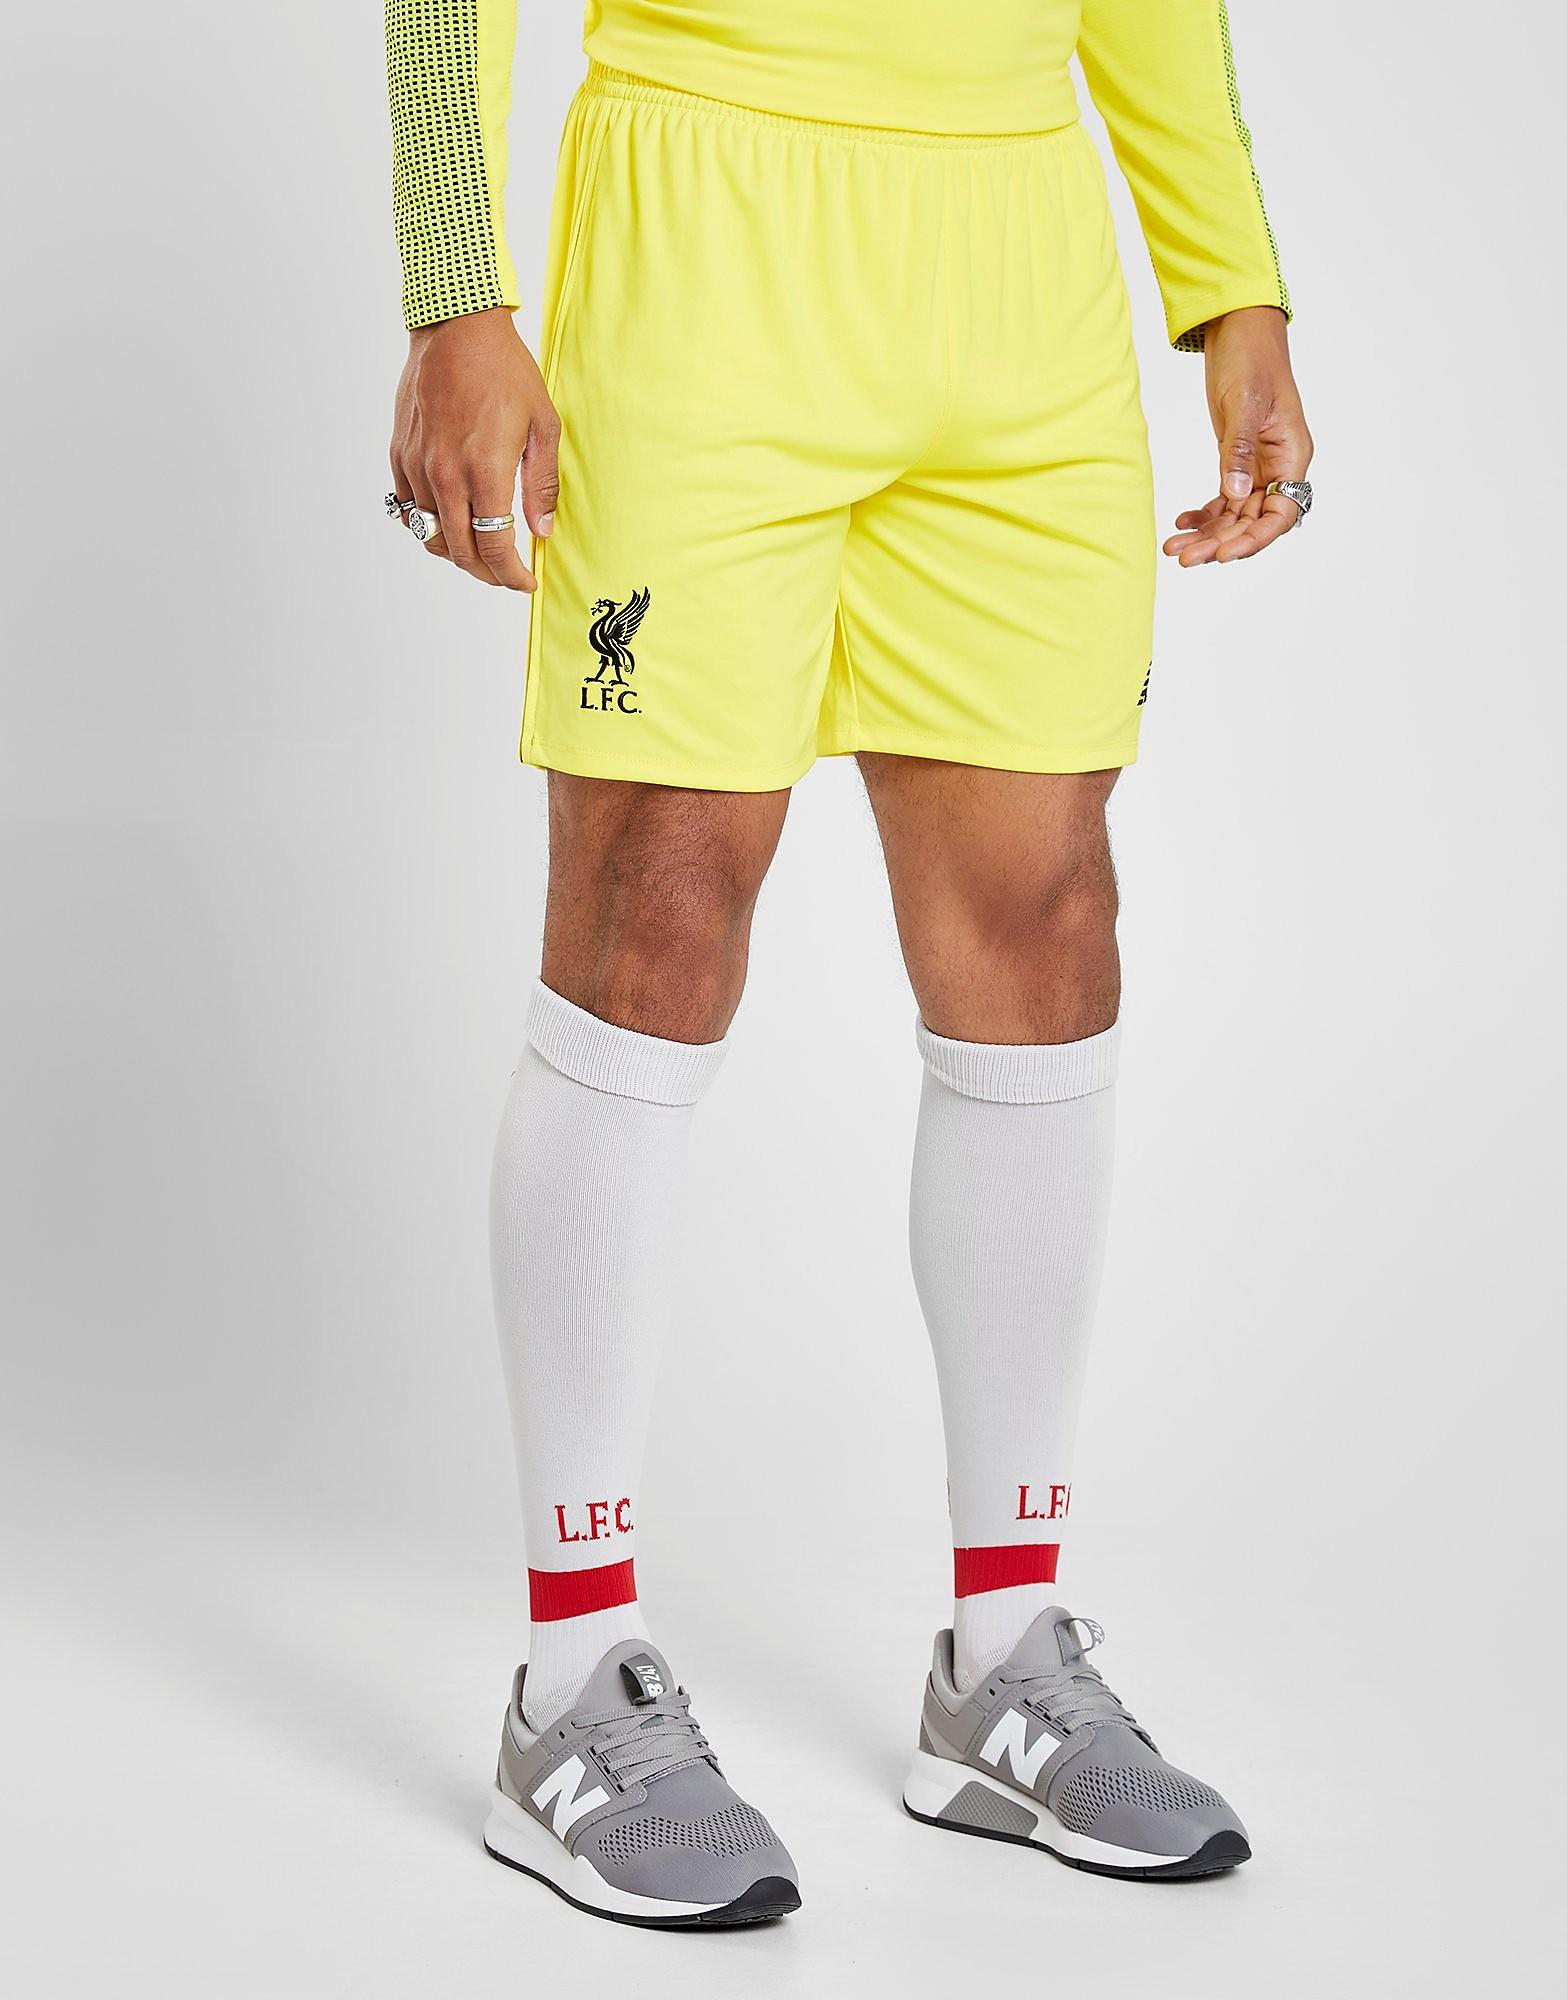 New Balance Liverpool FC 2018 Home Goalkeeper Shirt